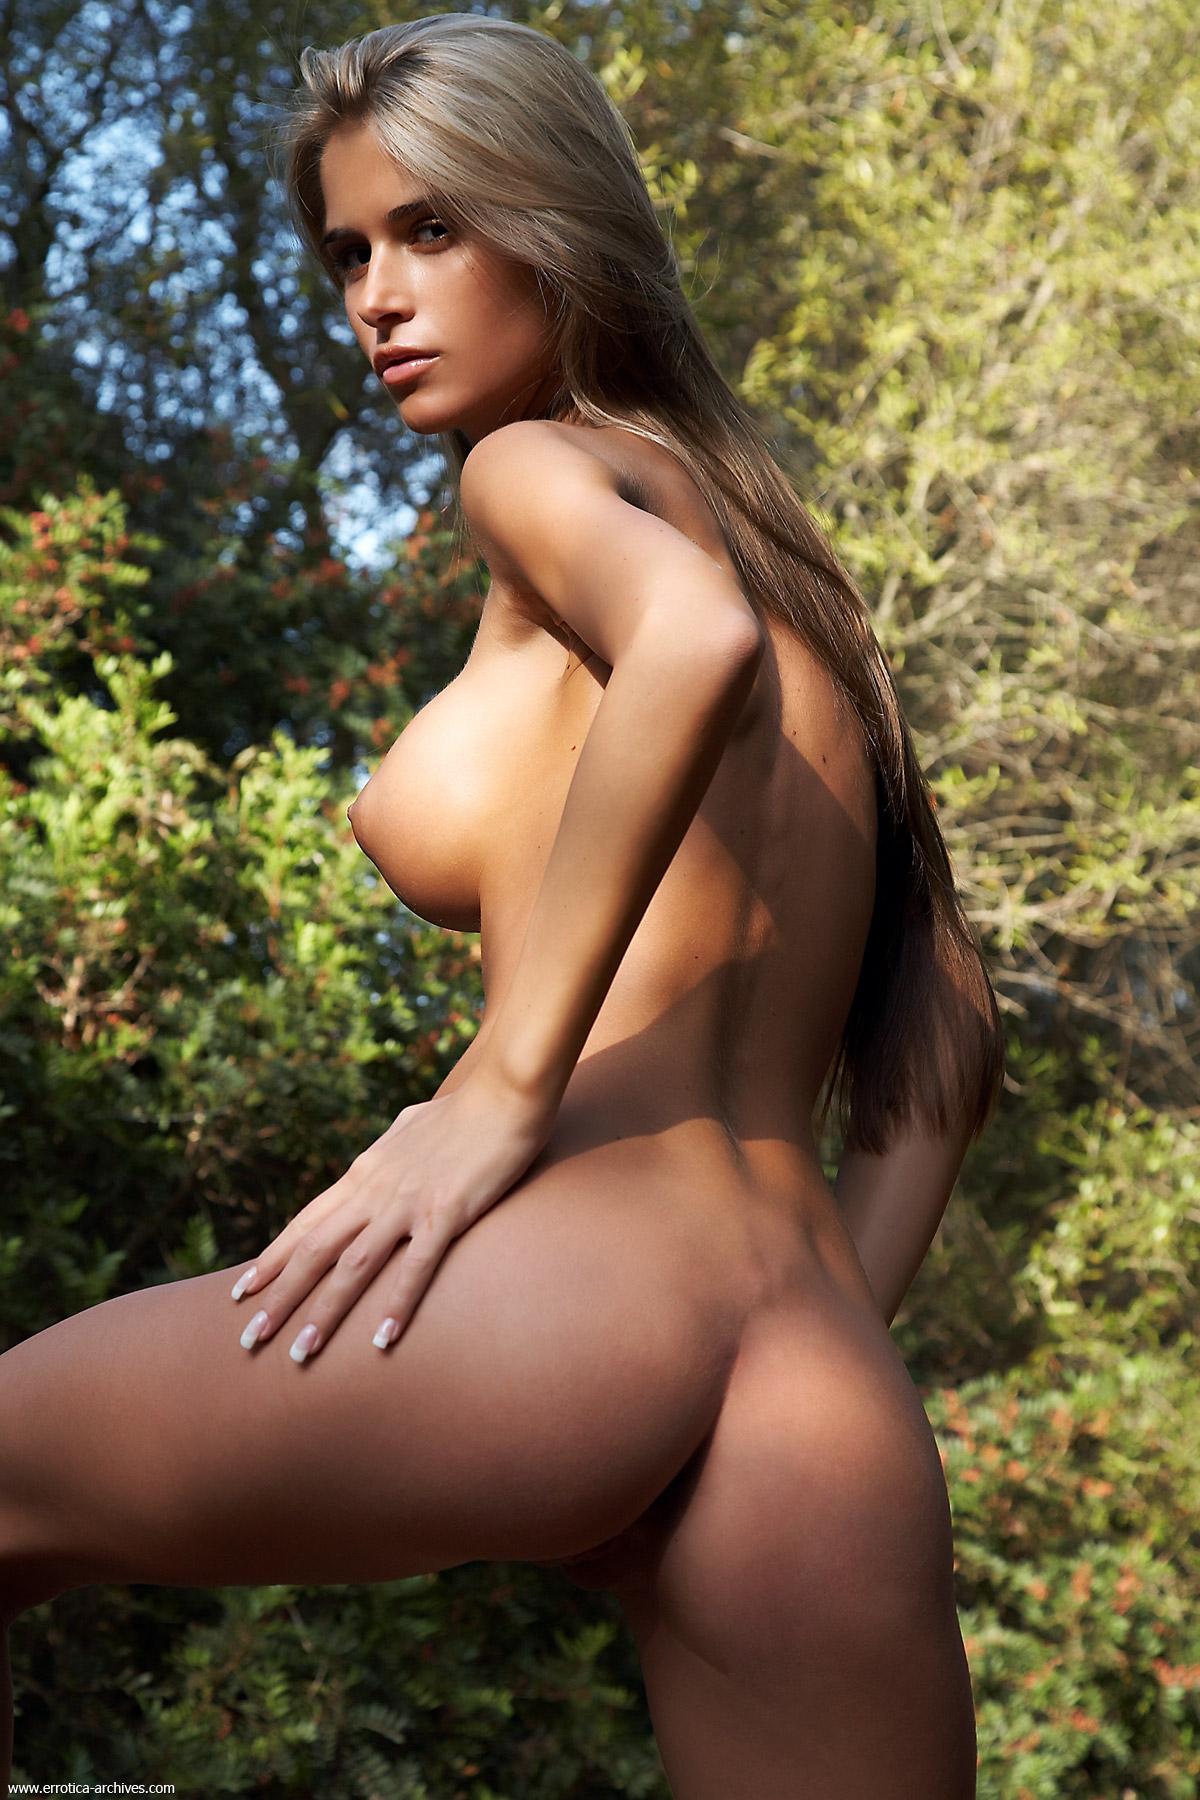 Naked srilankan womens photos